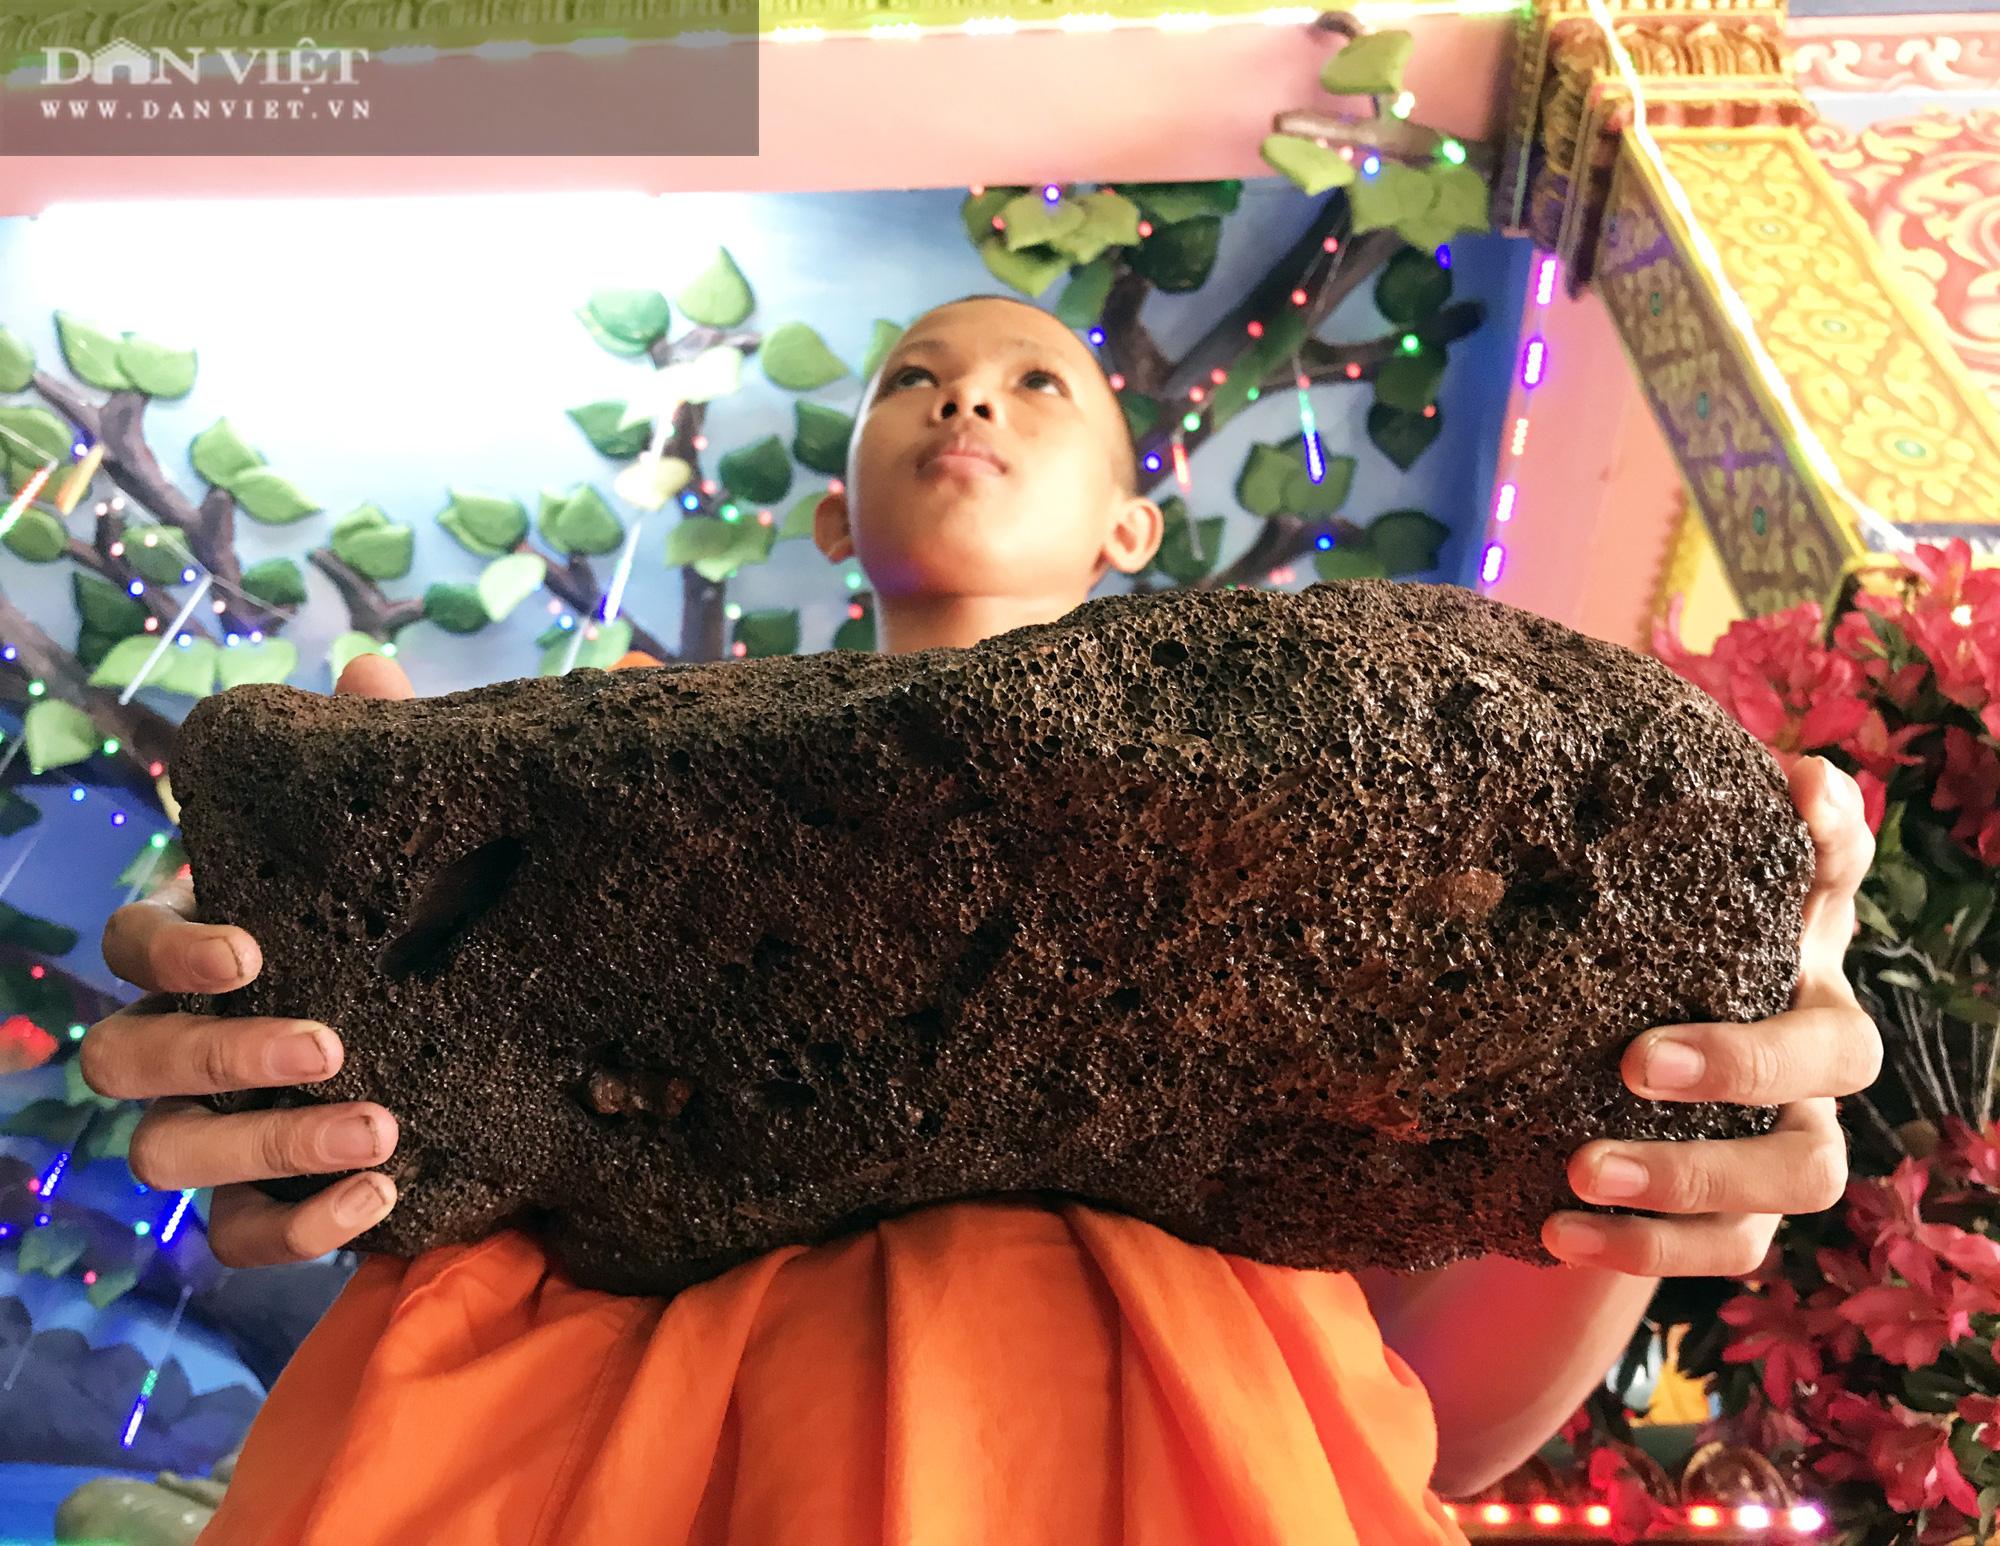 Chuyện lạ ở Sóc Trăng: Cặp đá nặng 4,2kg nổi được trên mặt nước  - Ảnh 6.